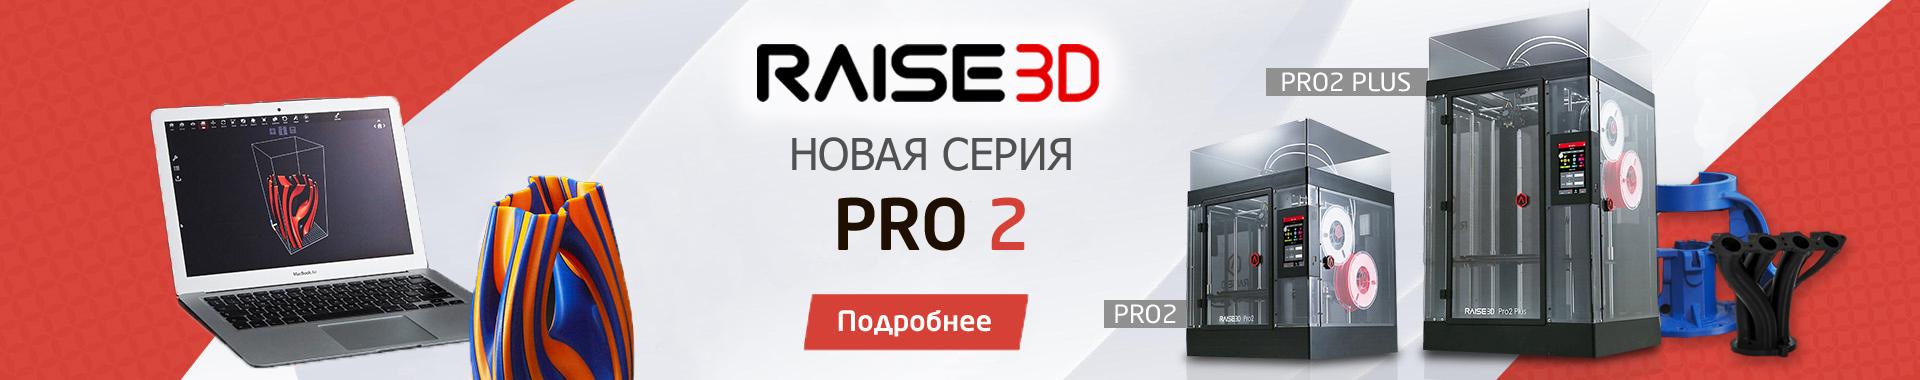 raise3d-pro2